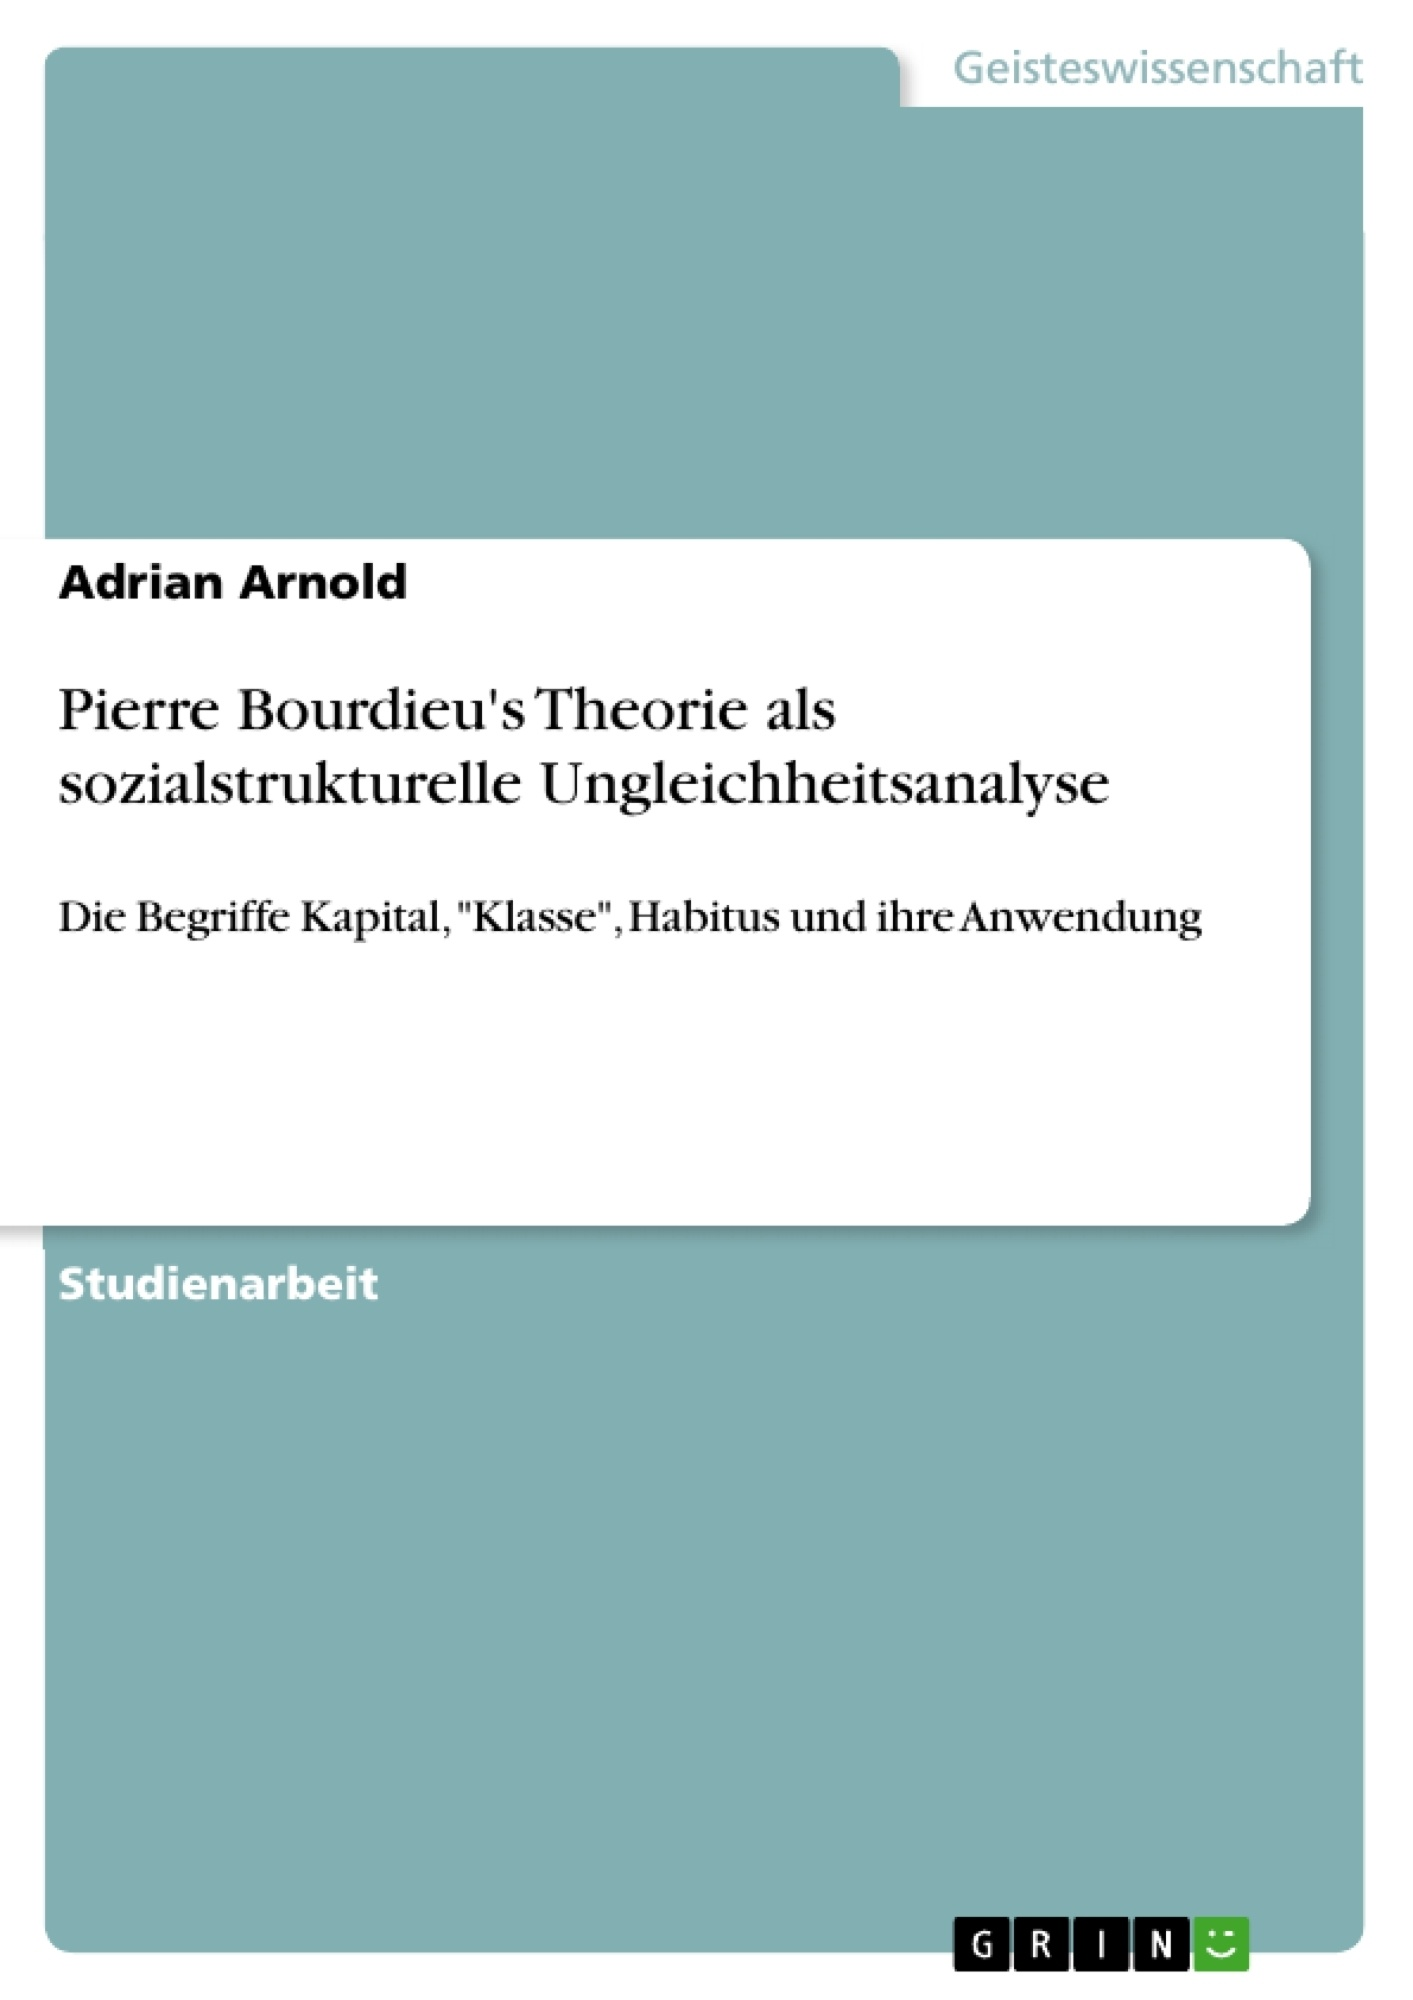 Titel: Pierre Bourdieu's Theorie als sozialstrukturelle Ungleichheitsanalyse